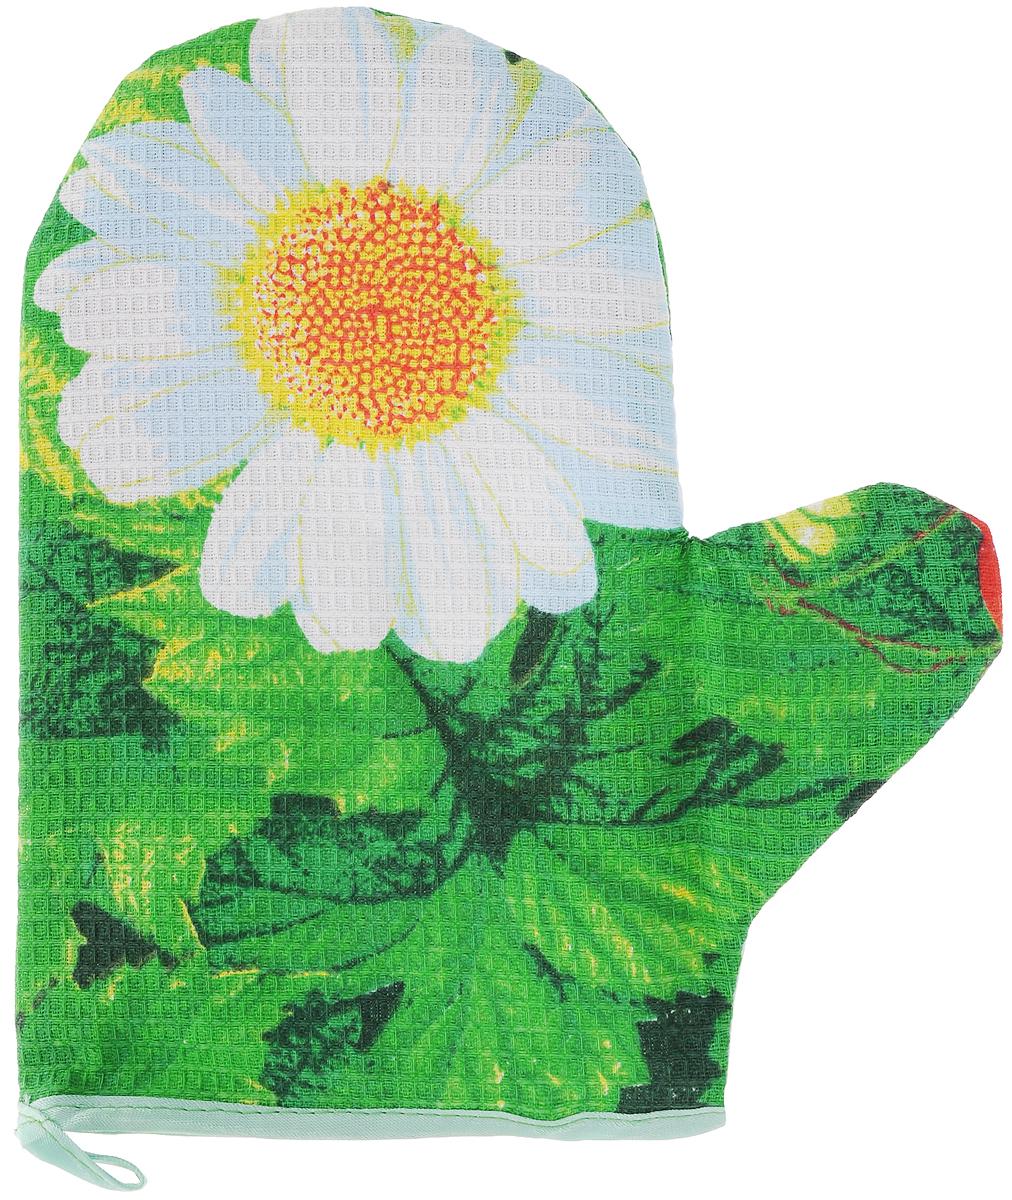 Прихватка-рукавица Roko, 23 х 19,5 см115362Прихватка-рукавица Roko, изготовленная из 100% хлопка, оформлена красочным принтом. Изделие оснащено текстильной петелькой для подвешивания на крючок. Такая прихватка защитит ваши руки от высоких температур и предотвратит появление ожогов. Уважаемые клиенты! Товар поставляется в цветовом ассортименте. Поставка осуществляется в зависимости от наличия на складе.Размер изделия (ДхШ): 23 х 19,5 см.